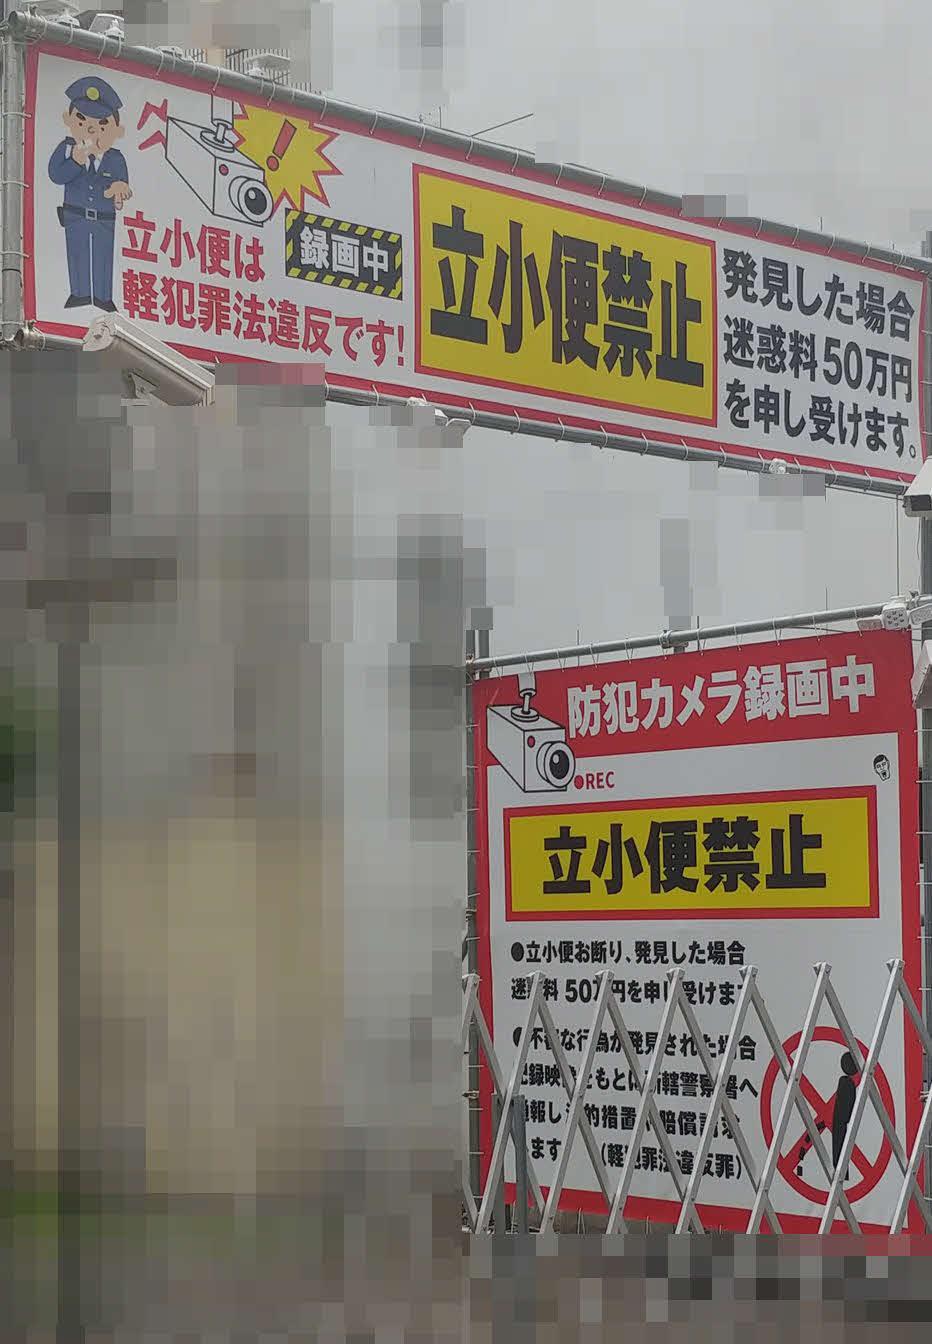 ここまで大きな「立ち小便禁止」警告看板は見たことがない